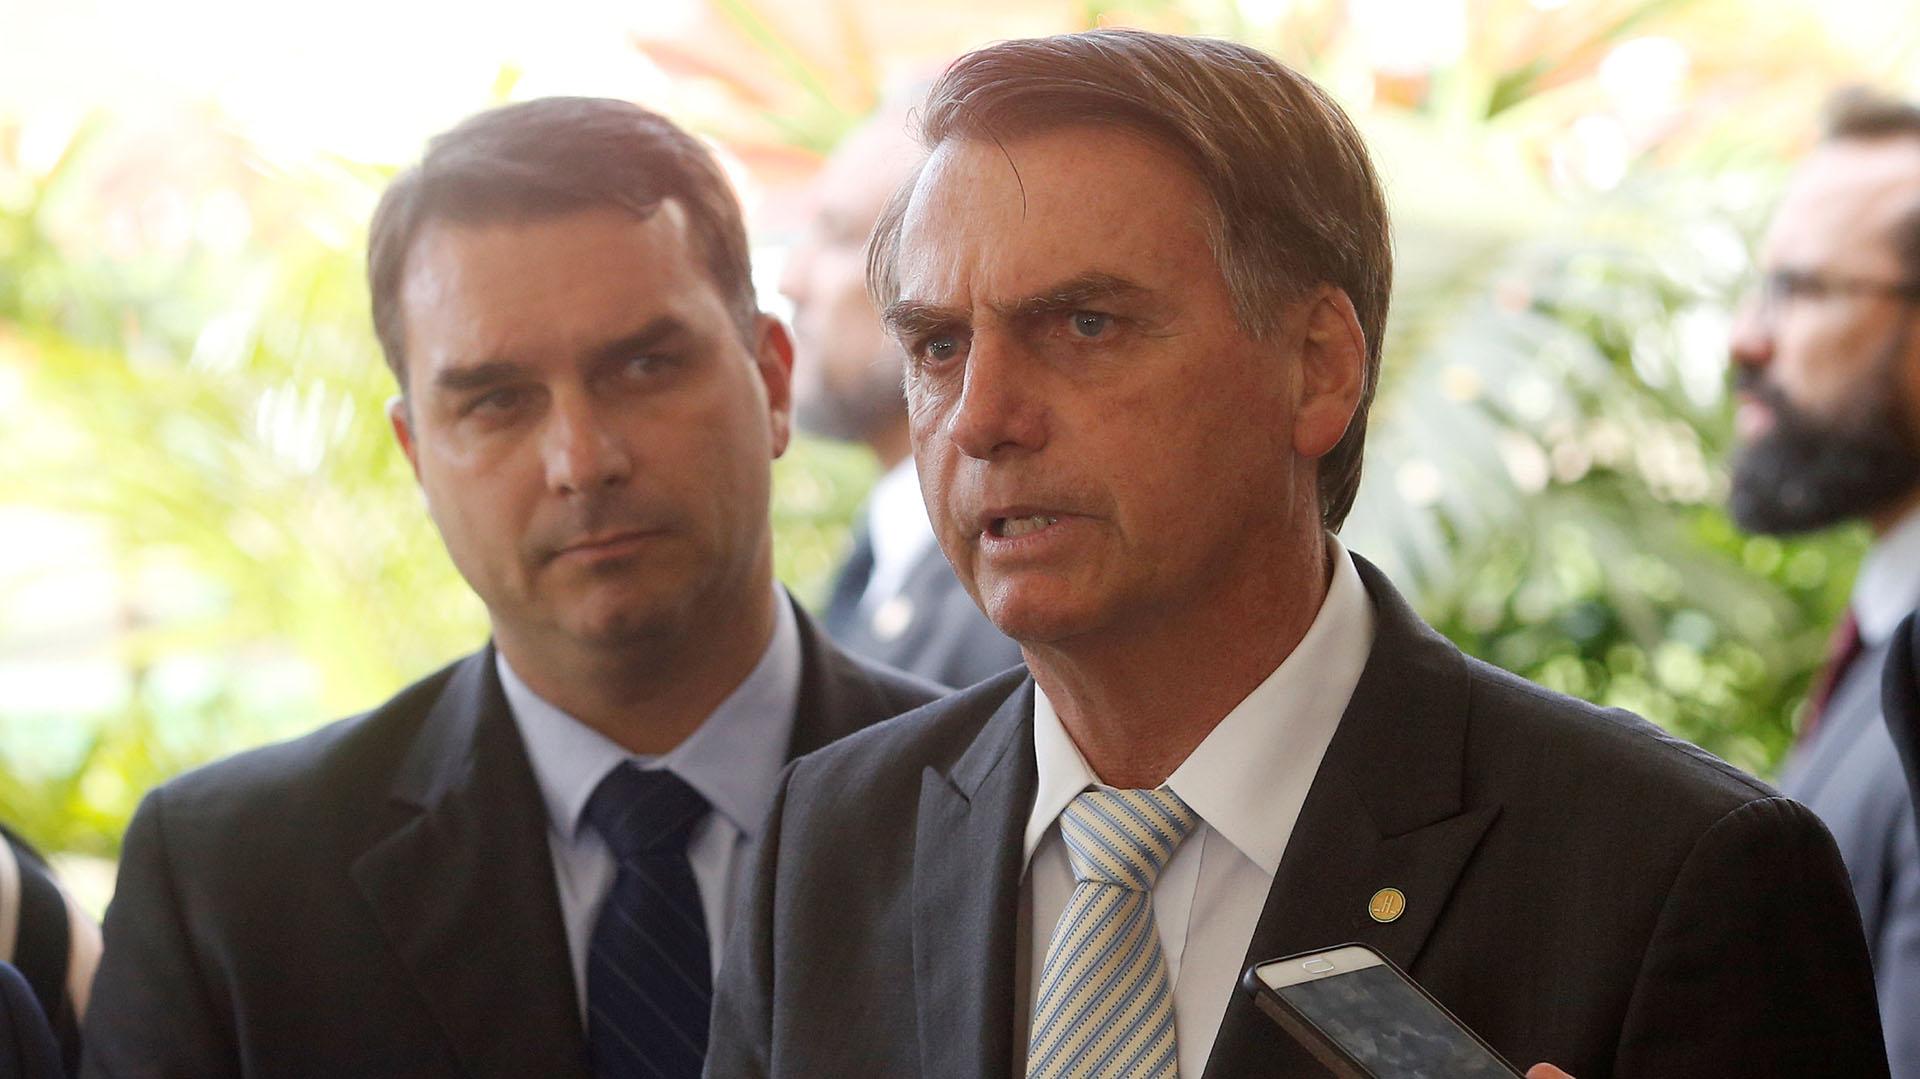 Jair Bolsonaro habla a la prensa y detrás suyo está su hijo Flavio, involucrado en una denuncia de corrupción a partir de fondos que movilizó su ex chofer.